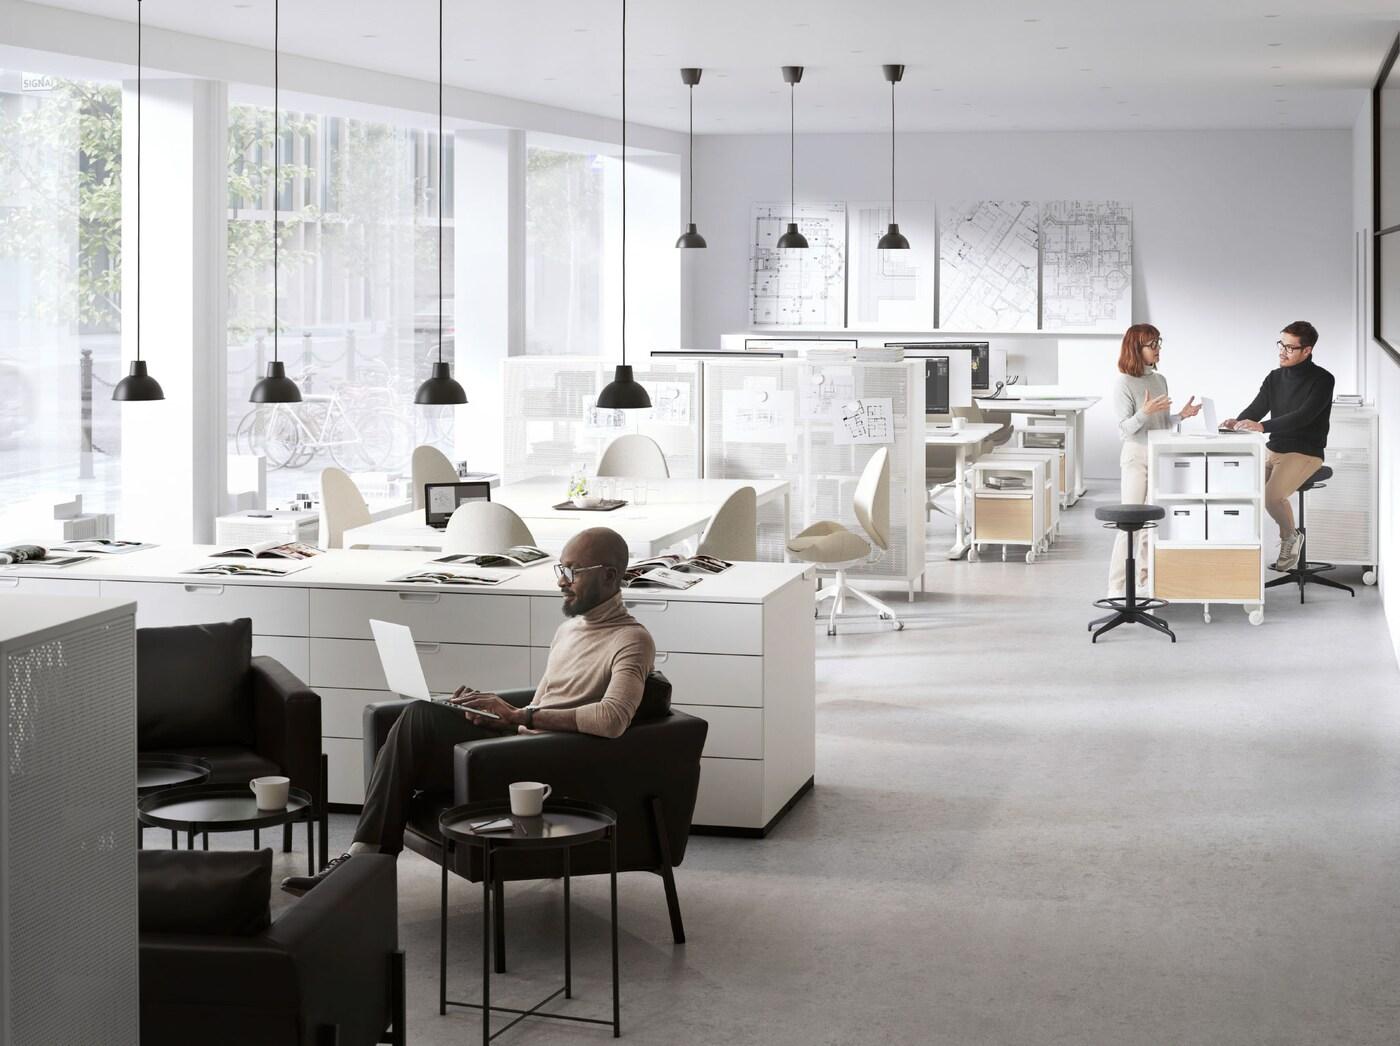 Ein offenes Gemeinschaftsbüro mit zwei Pausenbereichen. Im Vordergrund arbeitet eine Person in einem KOARP Sessel sitzend, im Hintergrund unterhalten sich zwei Personen über ein BEKANT Regal hinweg.